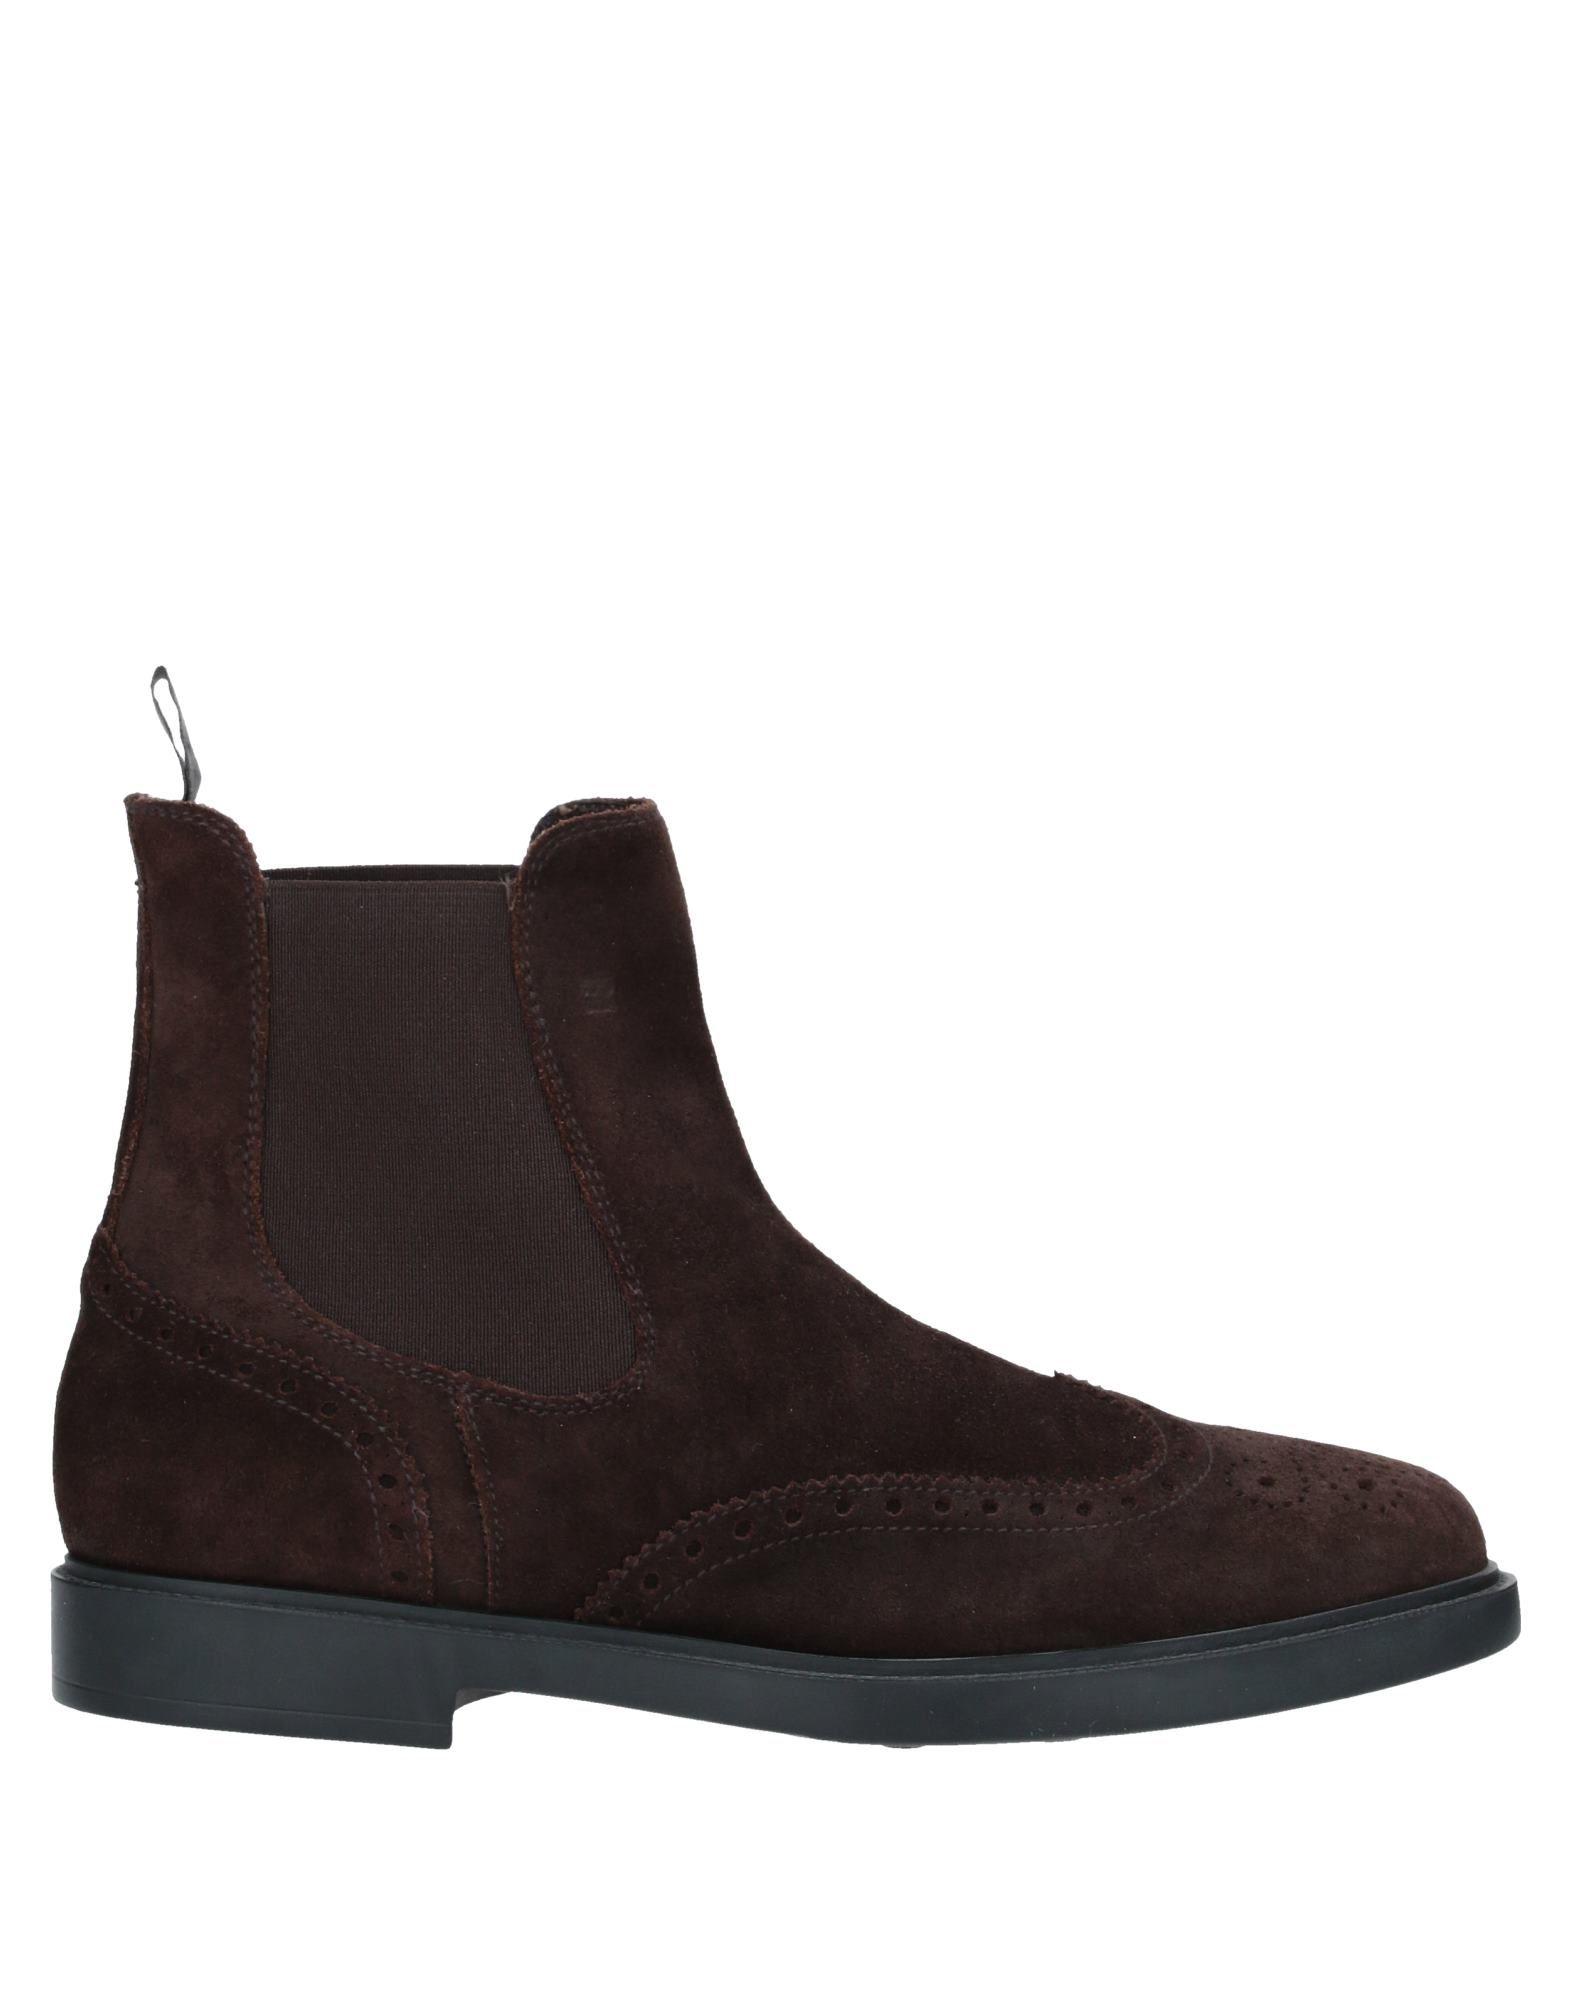 Fratelli Rossetti Stiefelette Herren  11514232DG Gute Qualität beliebte Schuhe